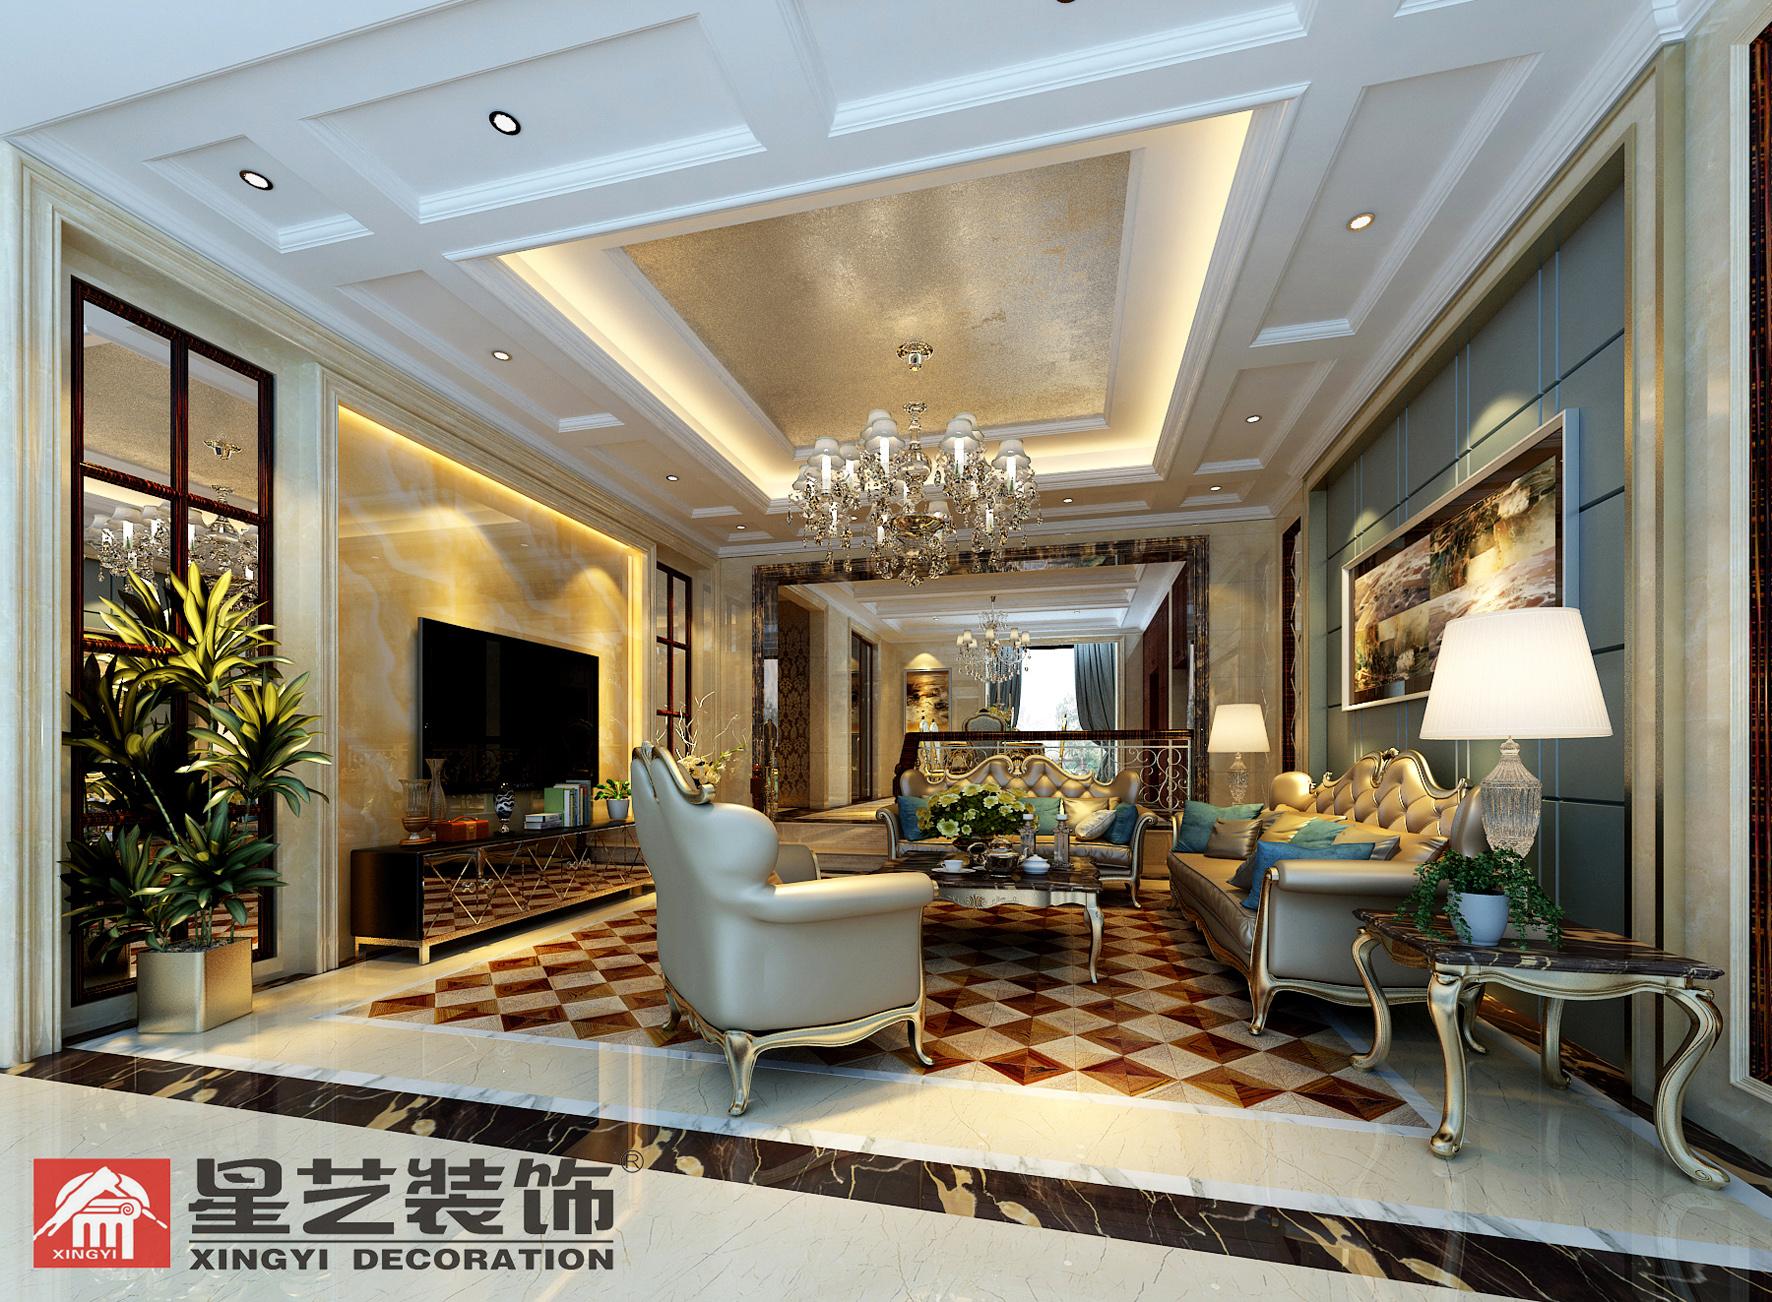 别墅 中式 星艺装饰 新古典 客厅图片来自星艺装饰在贵州在星艺装饰·别墅设计的分享